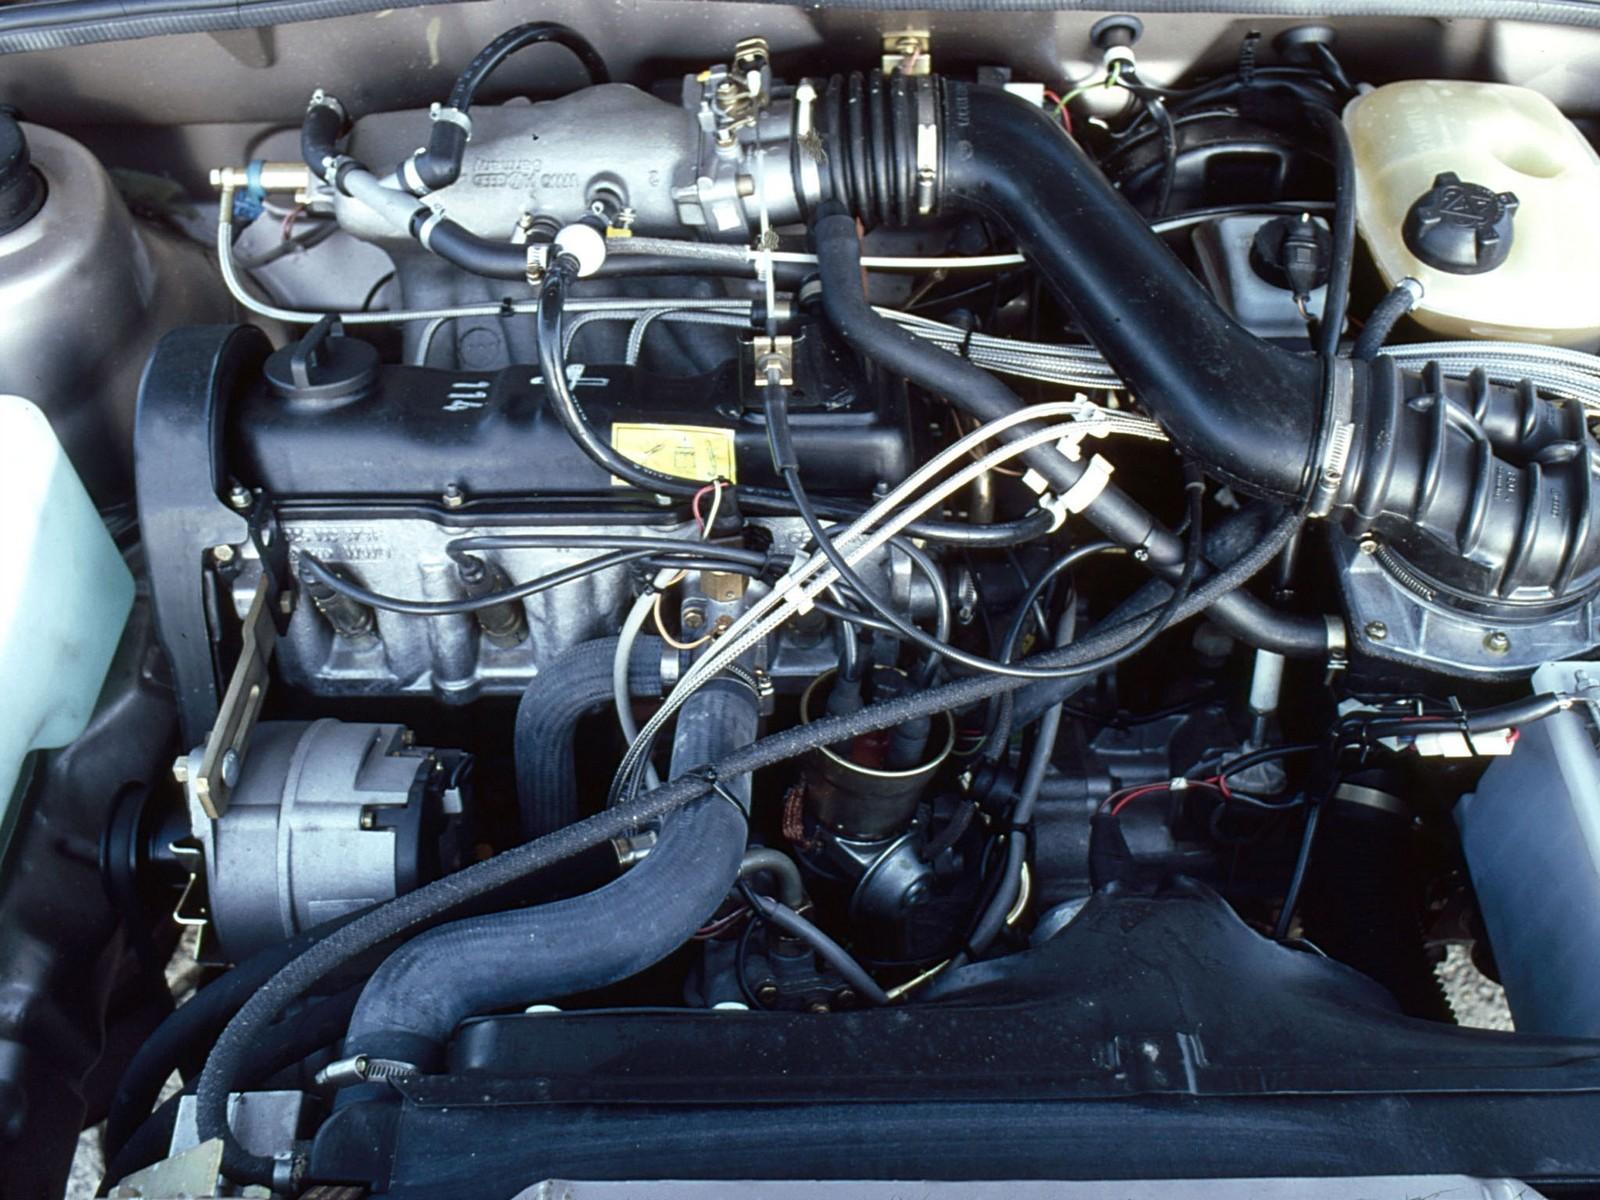 Большинство машин оснащалось восьмиклапанным двигателем. Но и он был заметно мощнее «зубильного» мотора ВАЗ-21083